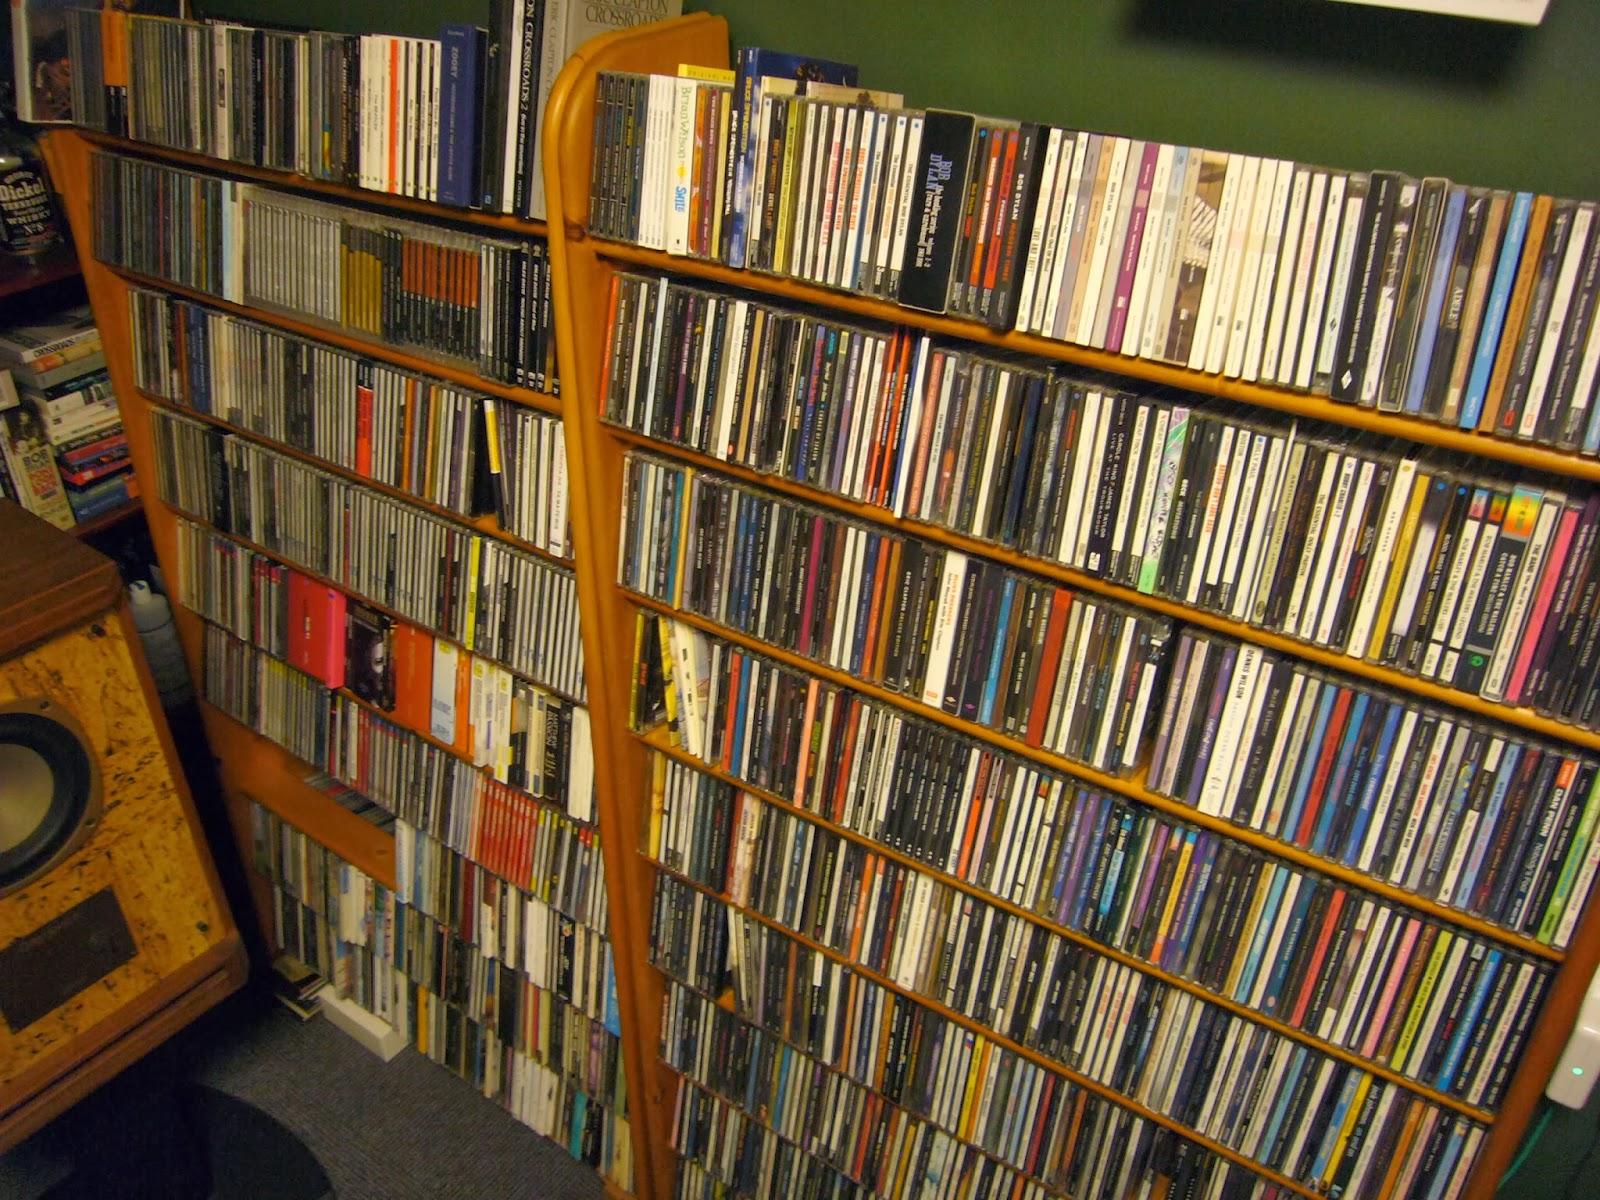 増え続けるCDにこれ以上スペースを割けないので、コクヨの ...